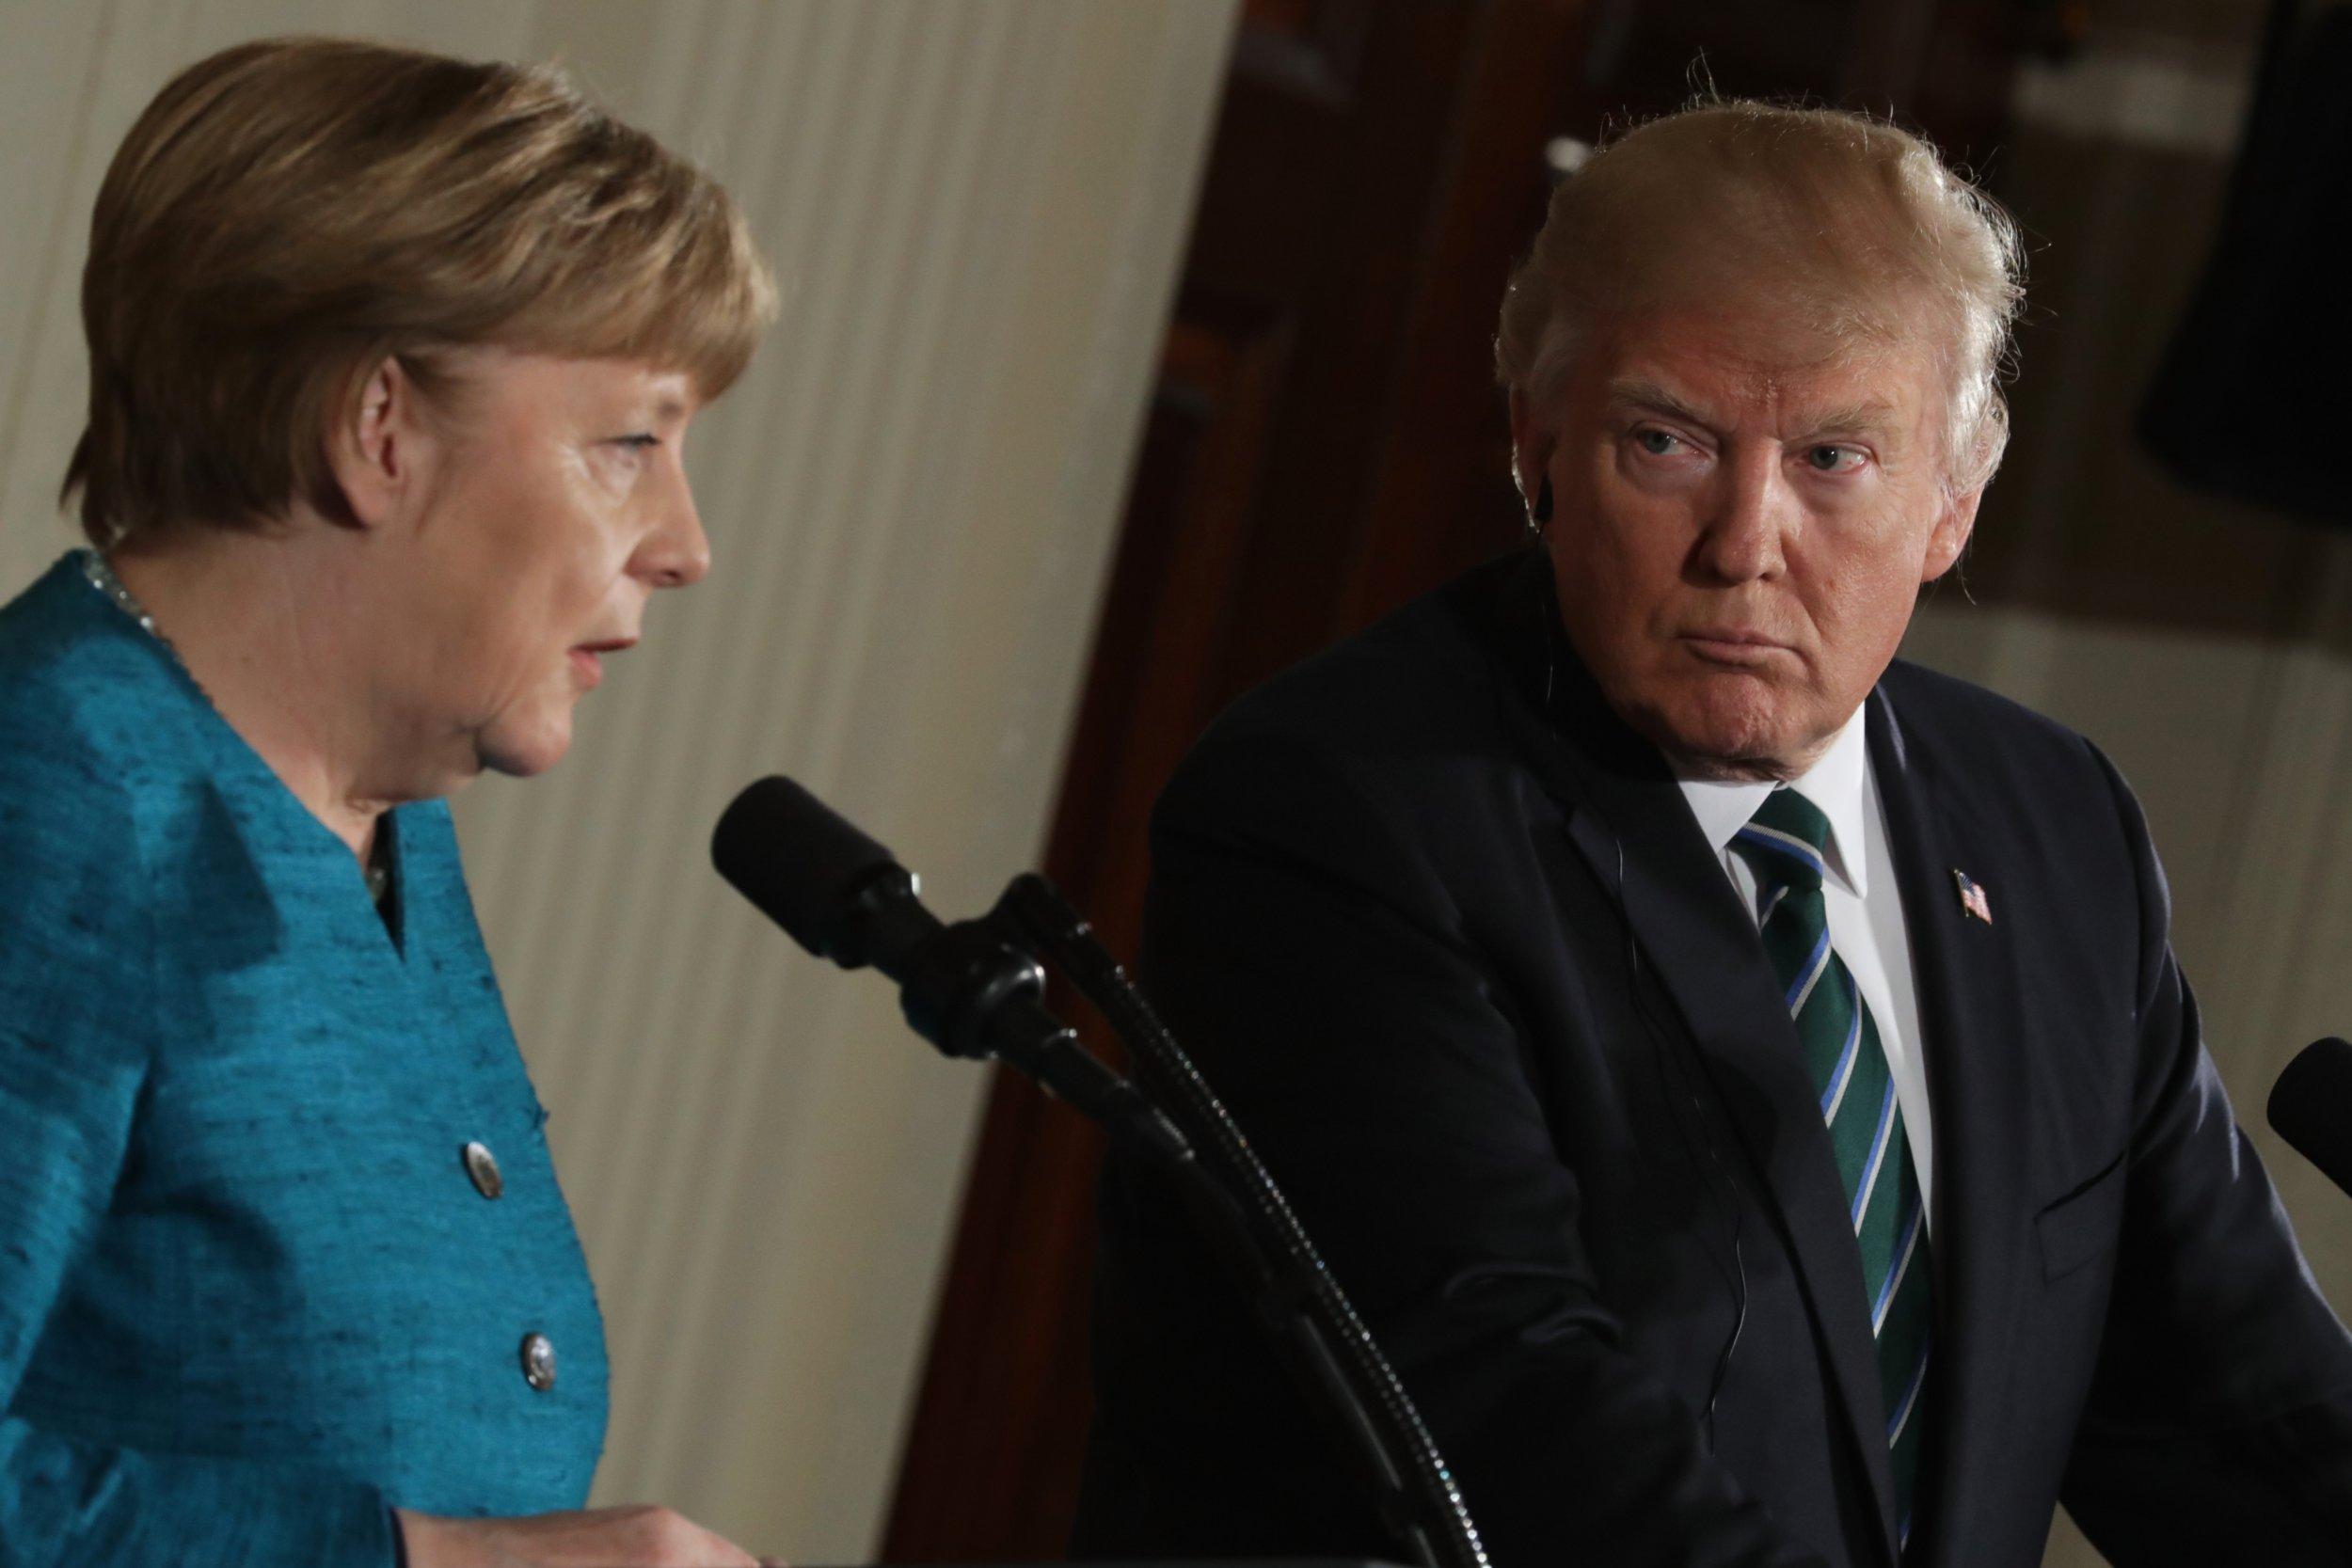 12_05_Trump_Merkel